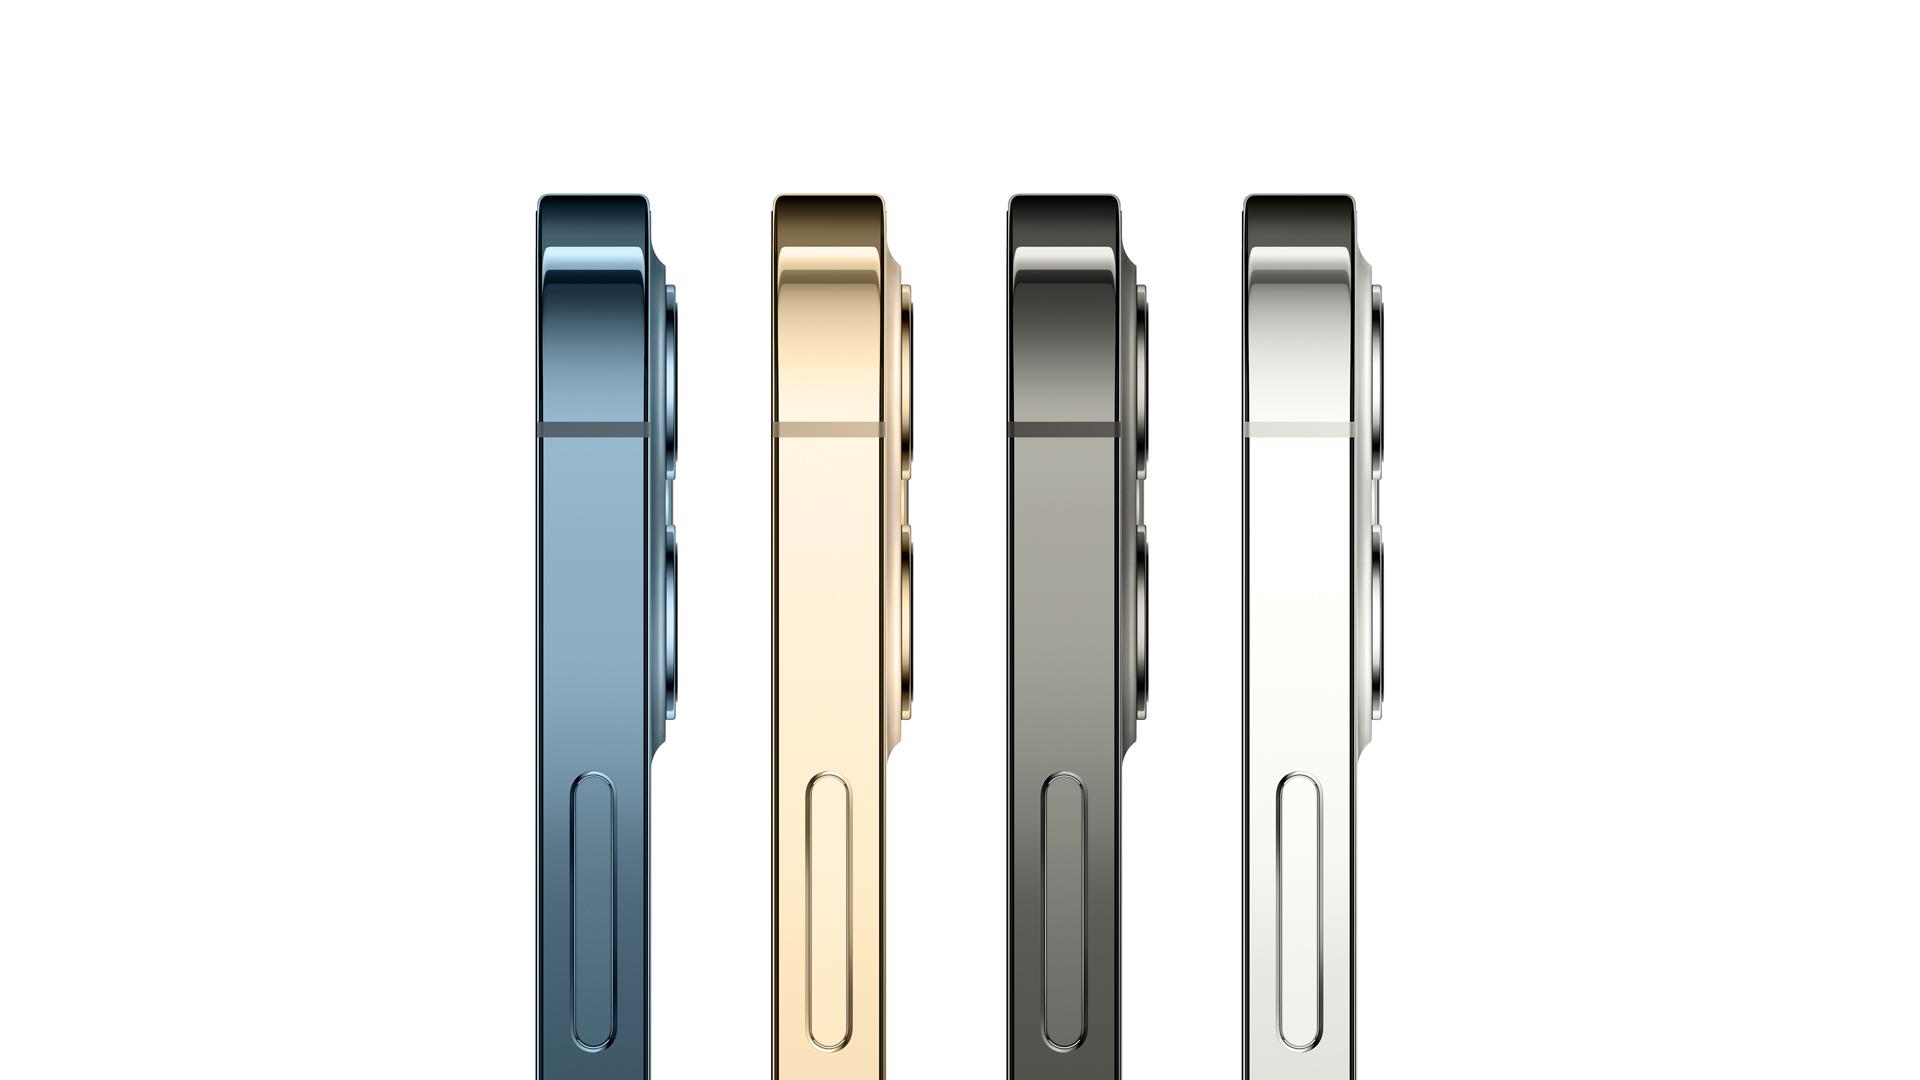 Das iPhone 12 Pro und iPhone 12 Pro Max in vier Farben seitlich gezeigt.